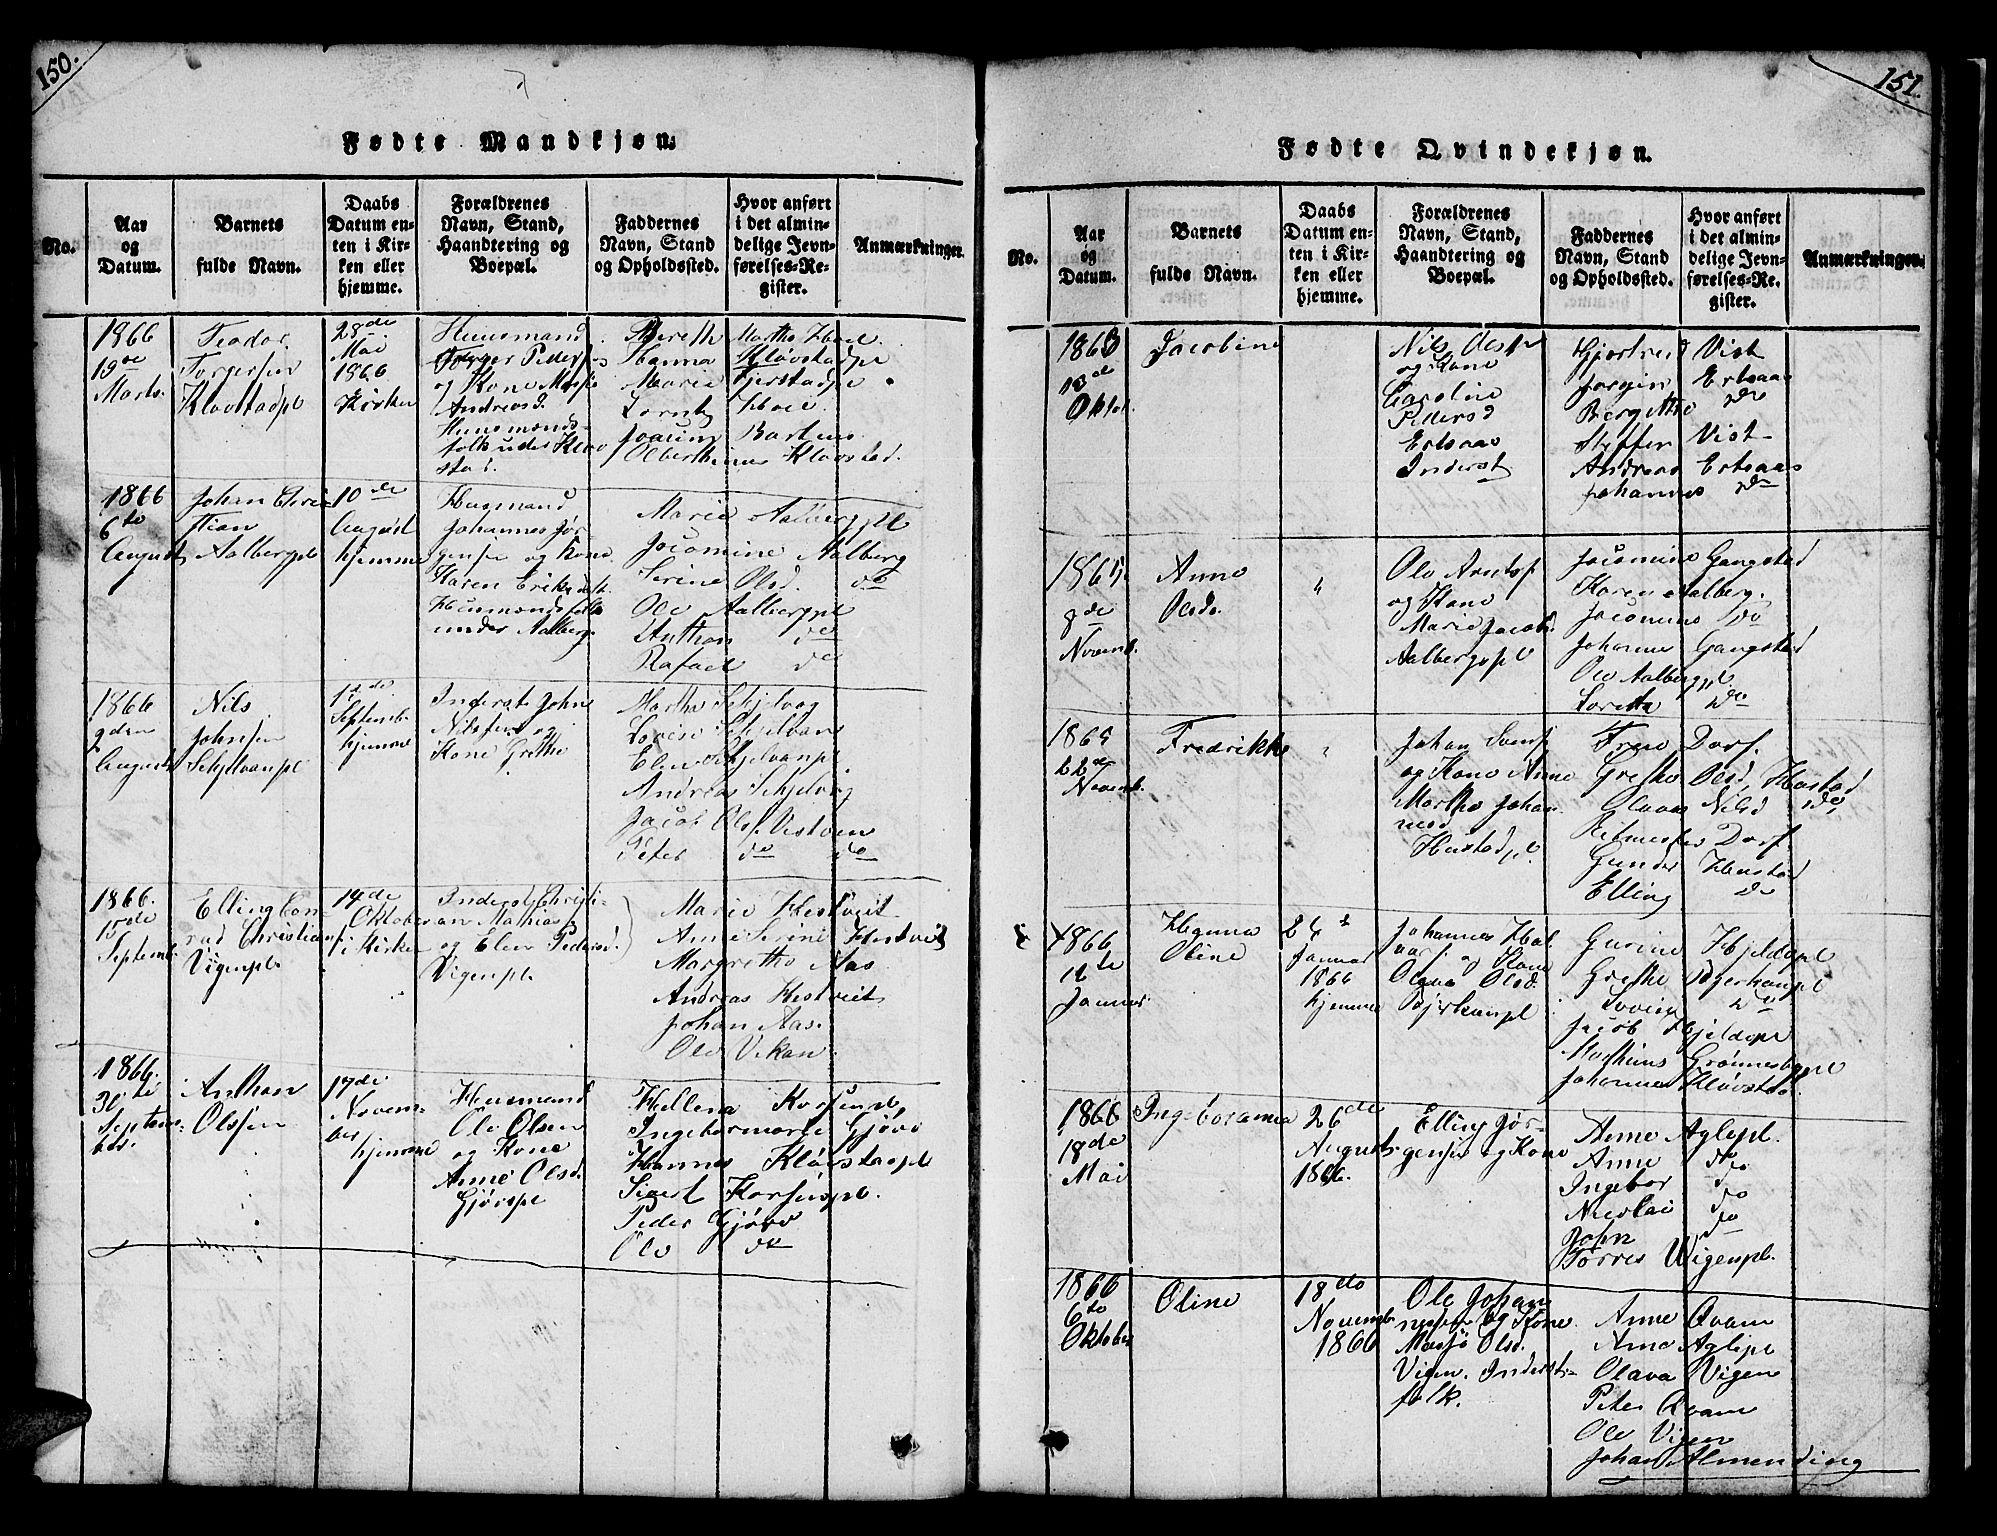 SAT, Ministerialprotokoller, klokkerbøker og fødselsregistre - Nord-Trøndelag, 732/L0317: Klokkerbok nr. 732C01, 1816-1881, s. 150-151